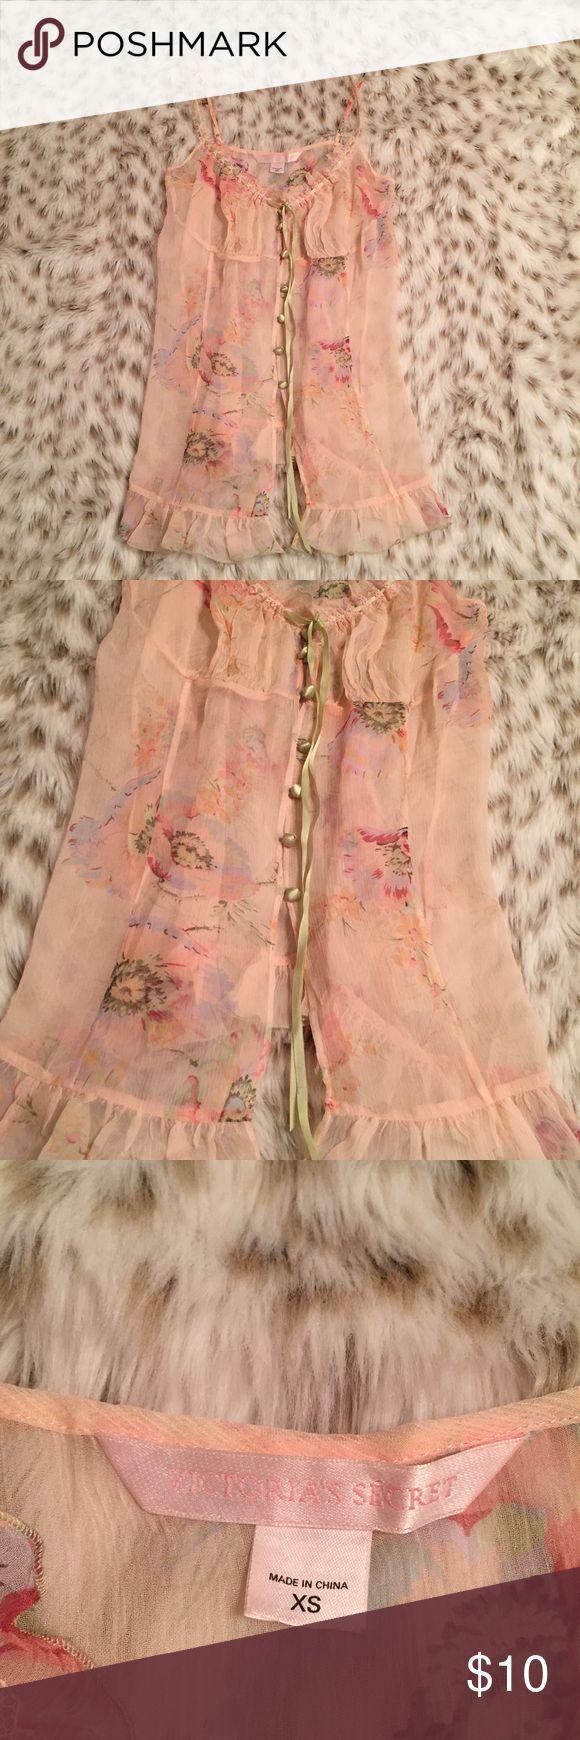 Victoria's Secret Floral pink lingerie Victoria's Secret size XS floral lingerie. Super cute! Vintage vibes! Excellent condition! Victoria's Secret Intimates & Sleepwear Chemises & Slips